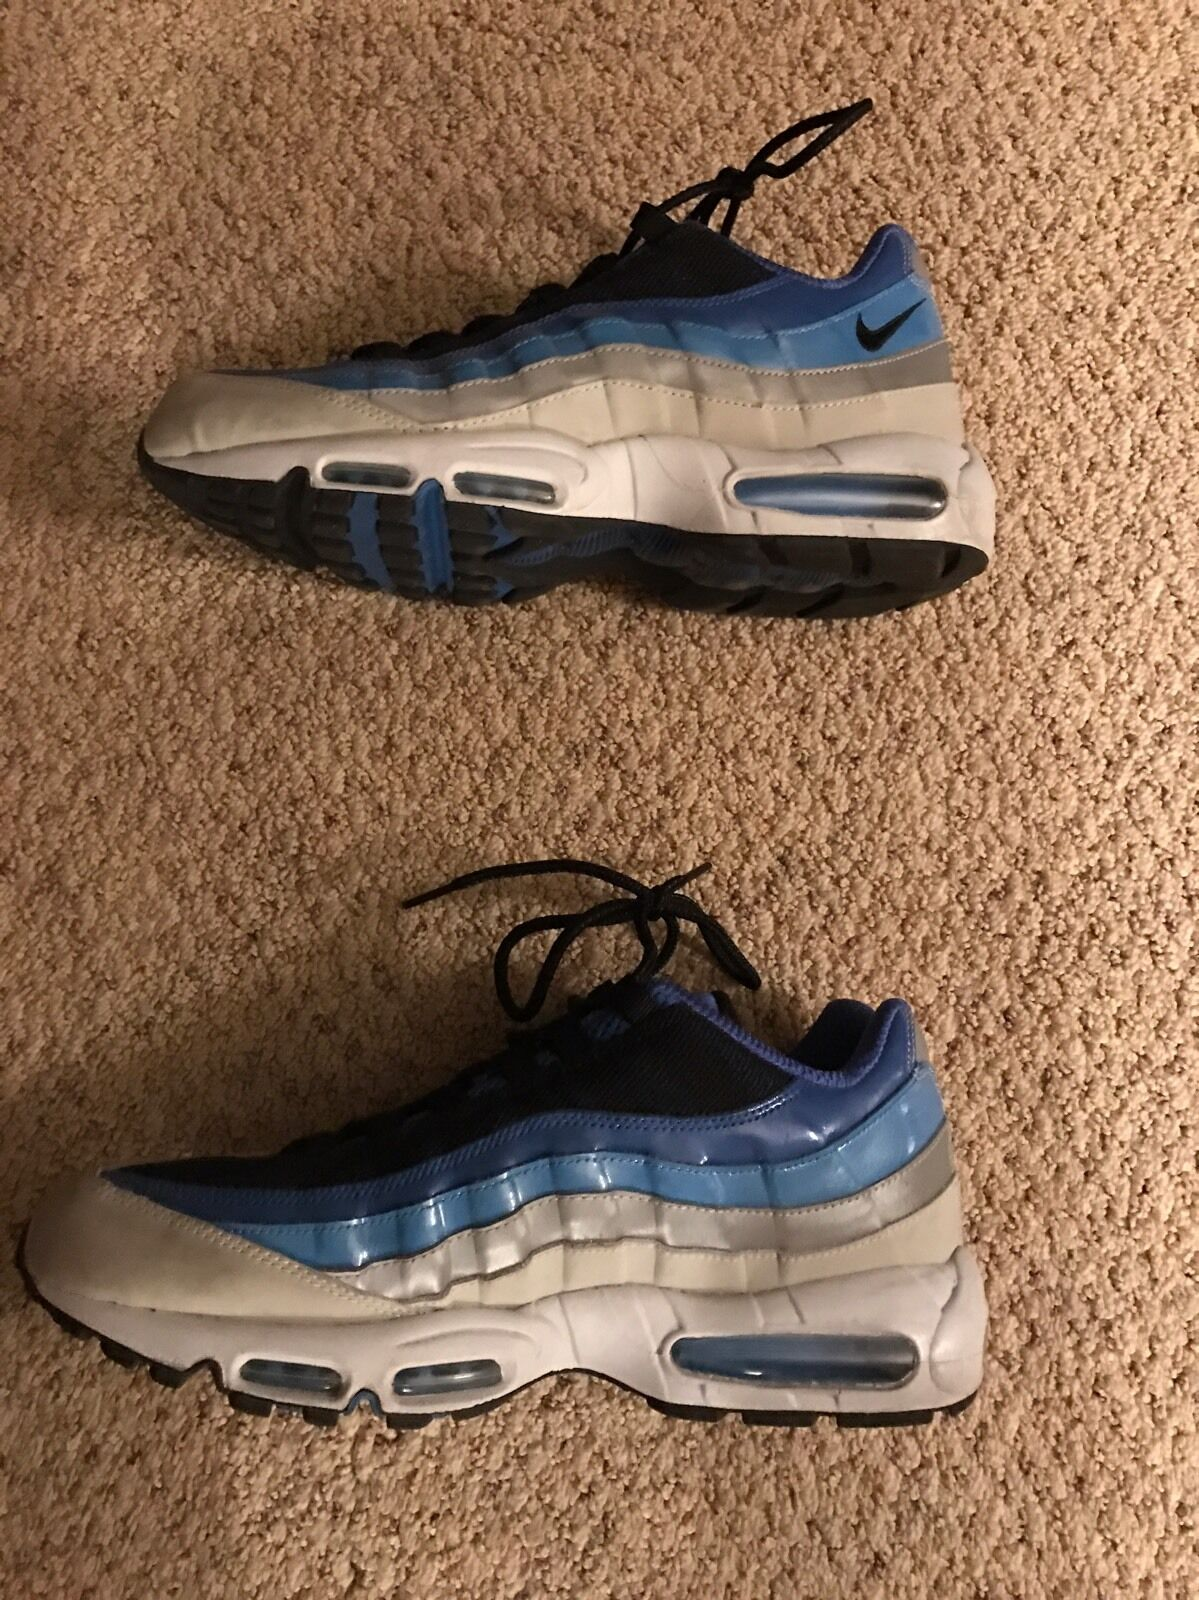 Nike air max 95 baby blau - weiße größe 13 jordan ausgezeichneten zustand unc tarheels